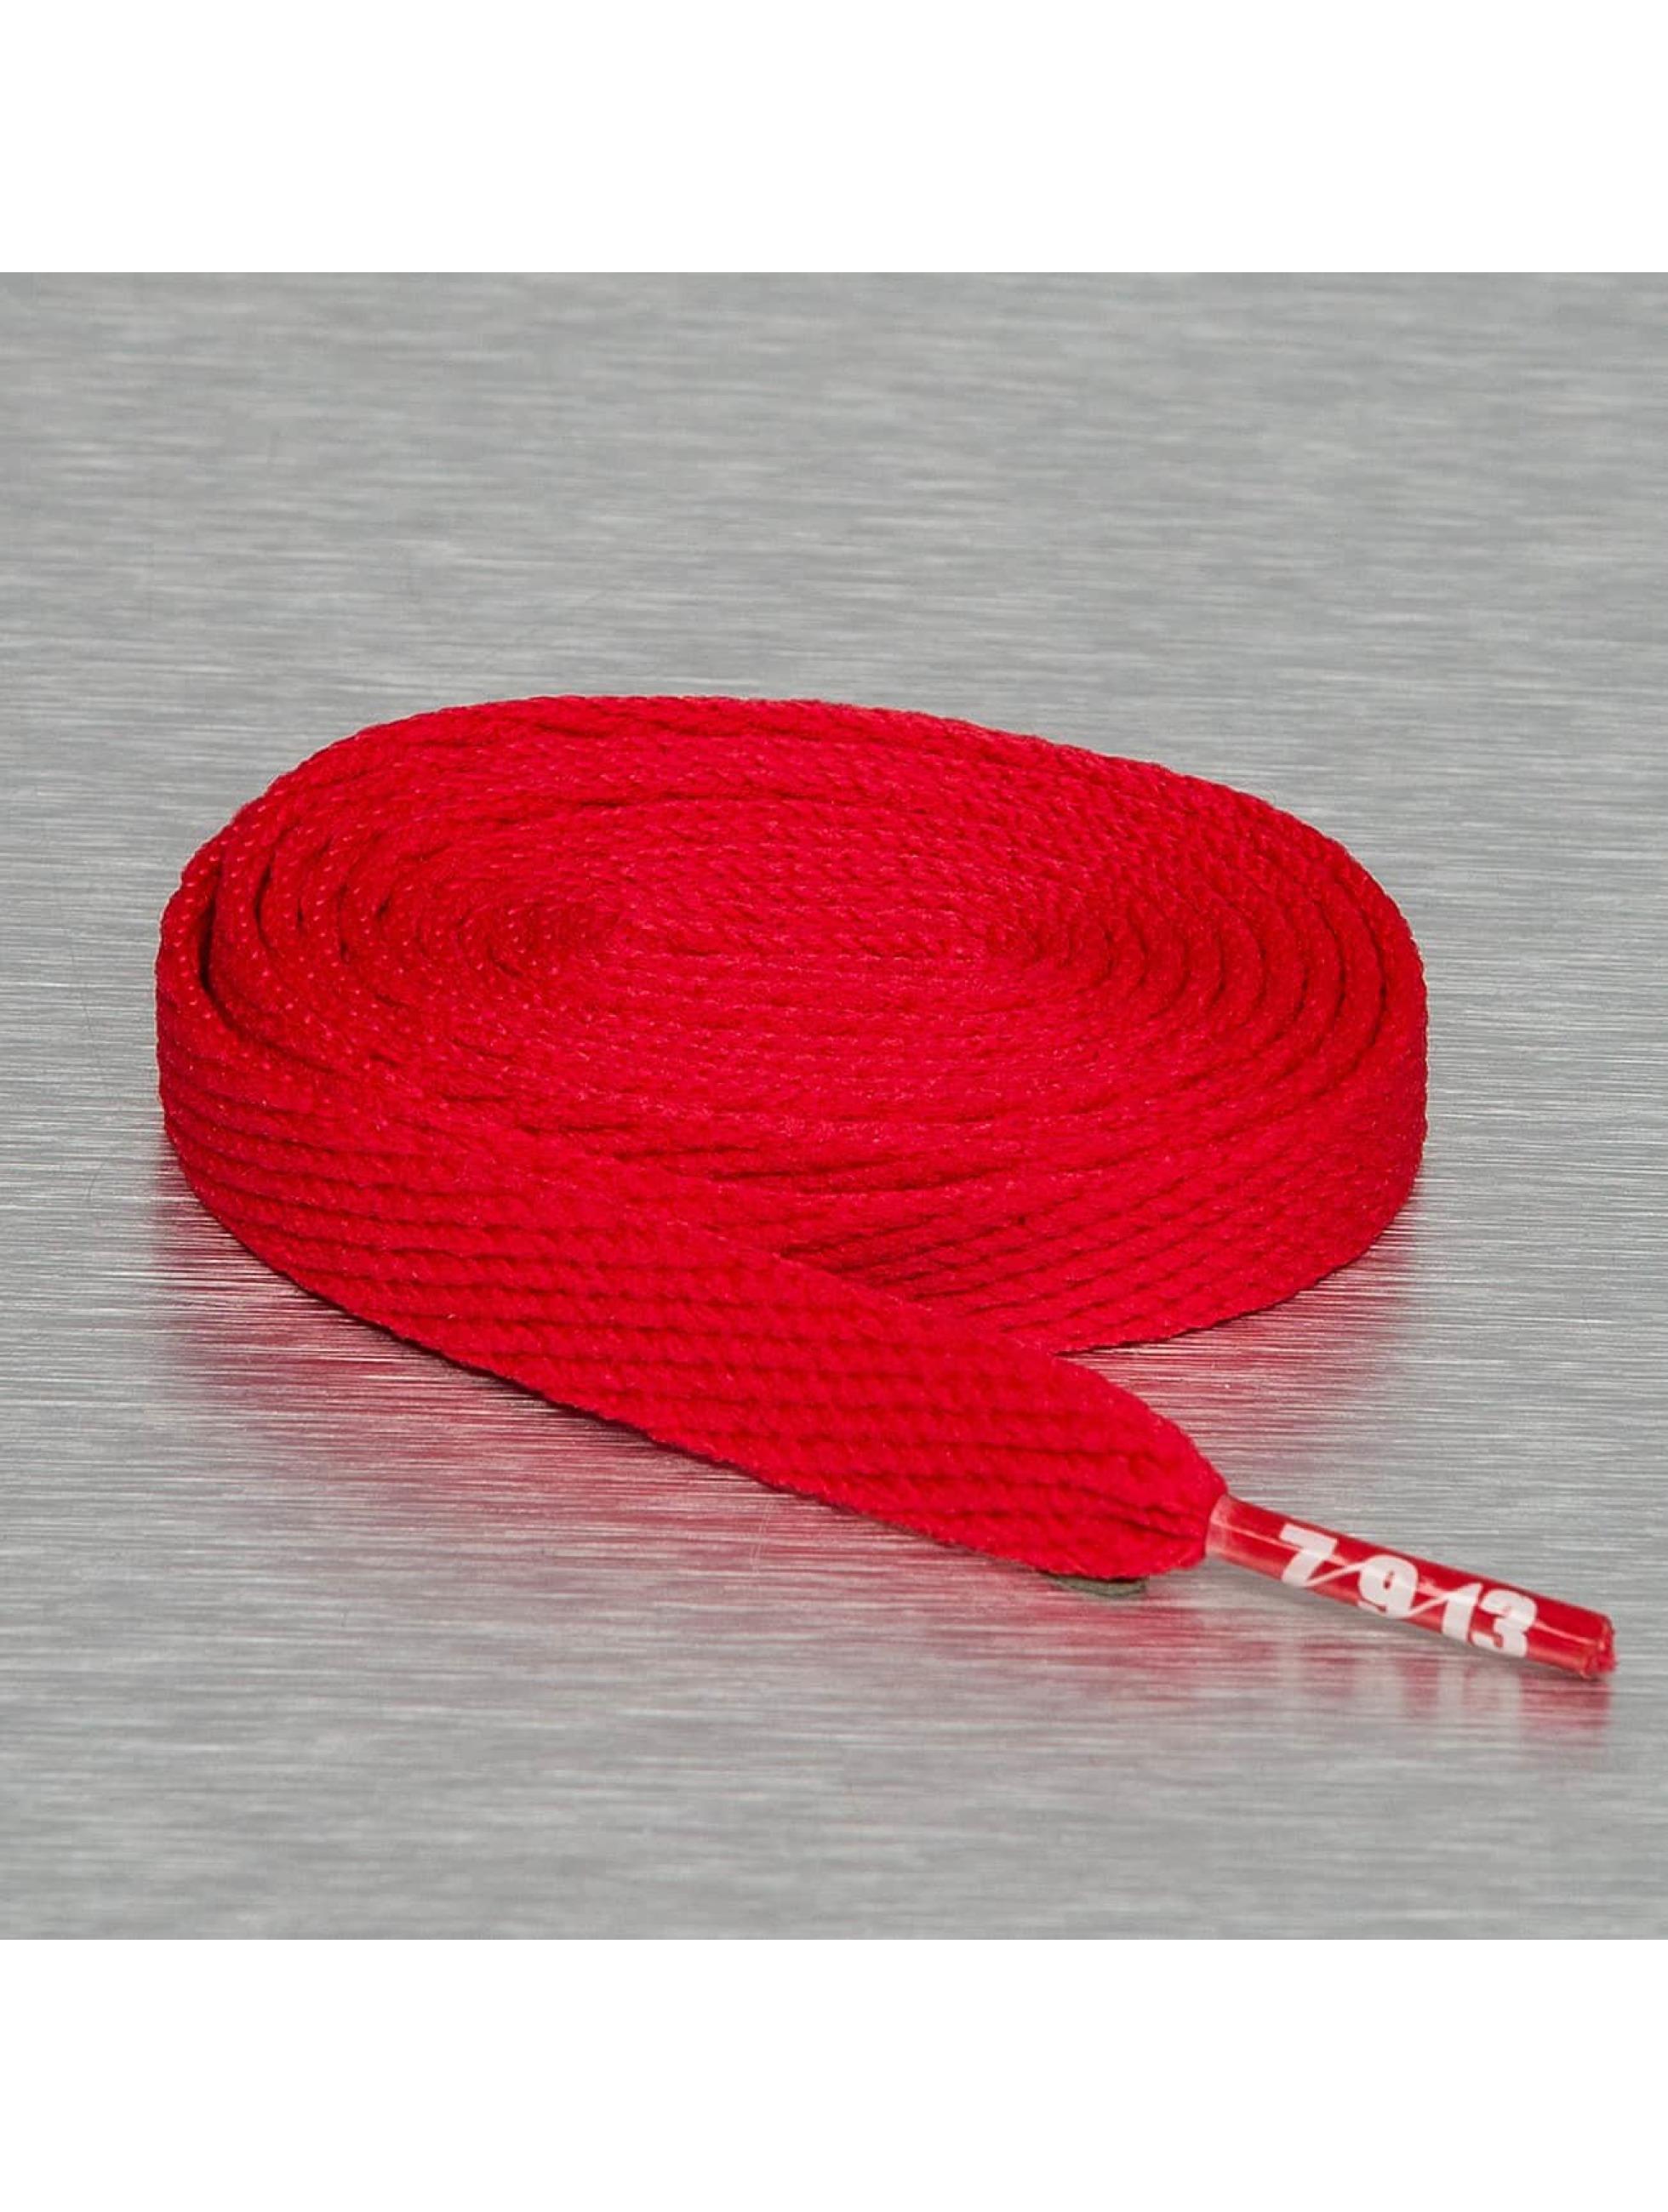 Seven Nine 13 Kengännauha Hard Candy Flat punainen